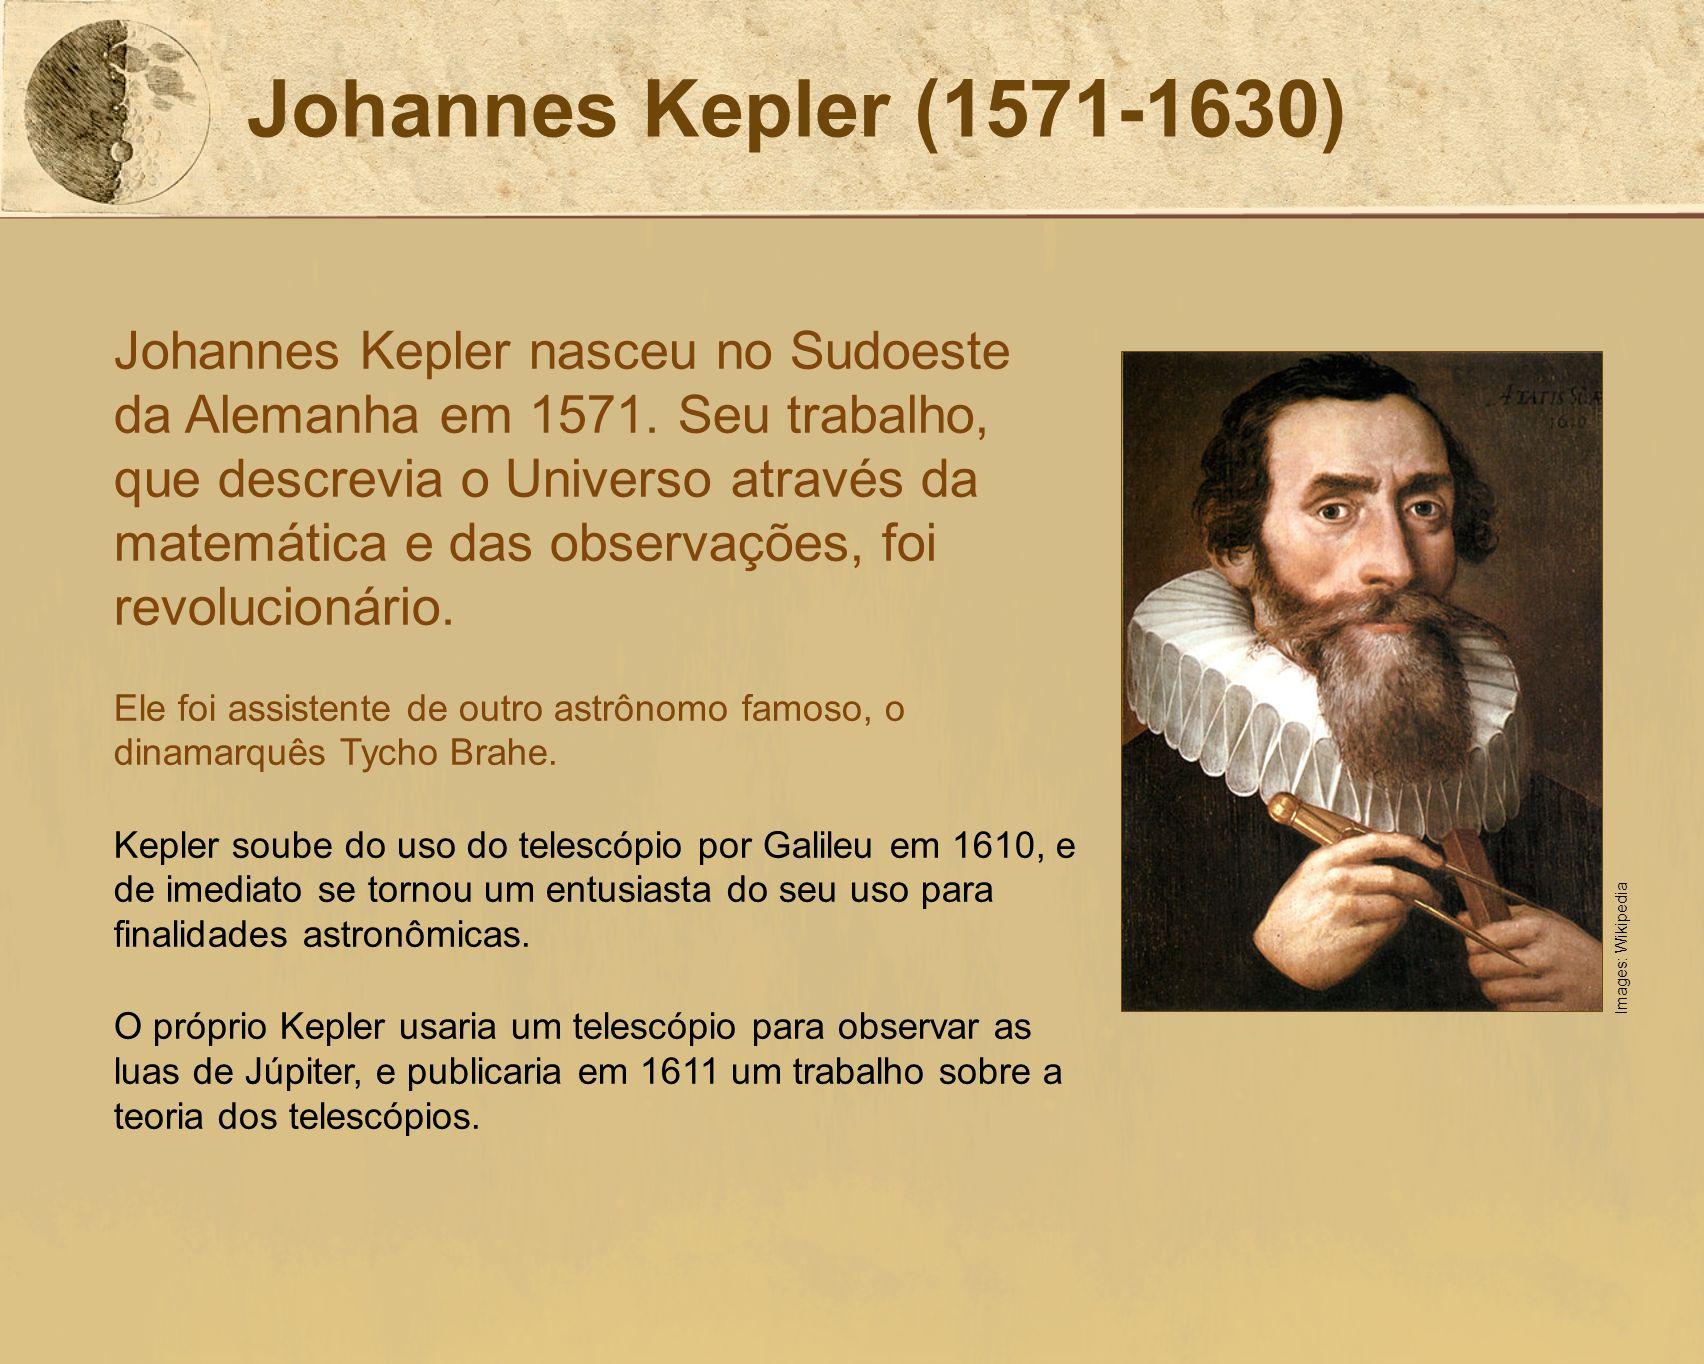 Johannes Kepler (1571-1630) Johannes Kepler nasceu no Sudoeste da Alemanha em 1571. Seu trabalho, que descrevia o Universo através da matemática e das